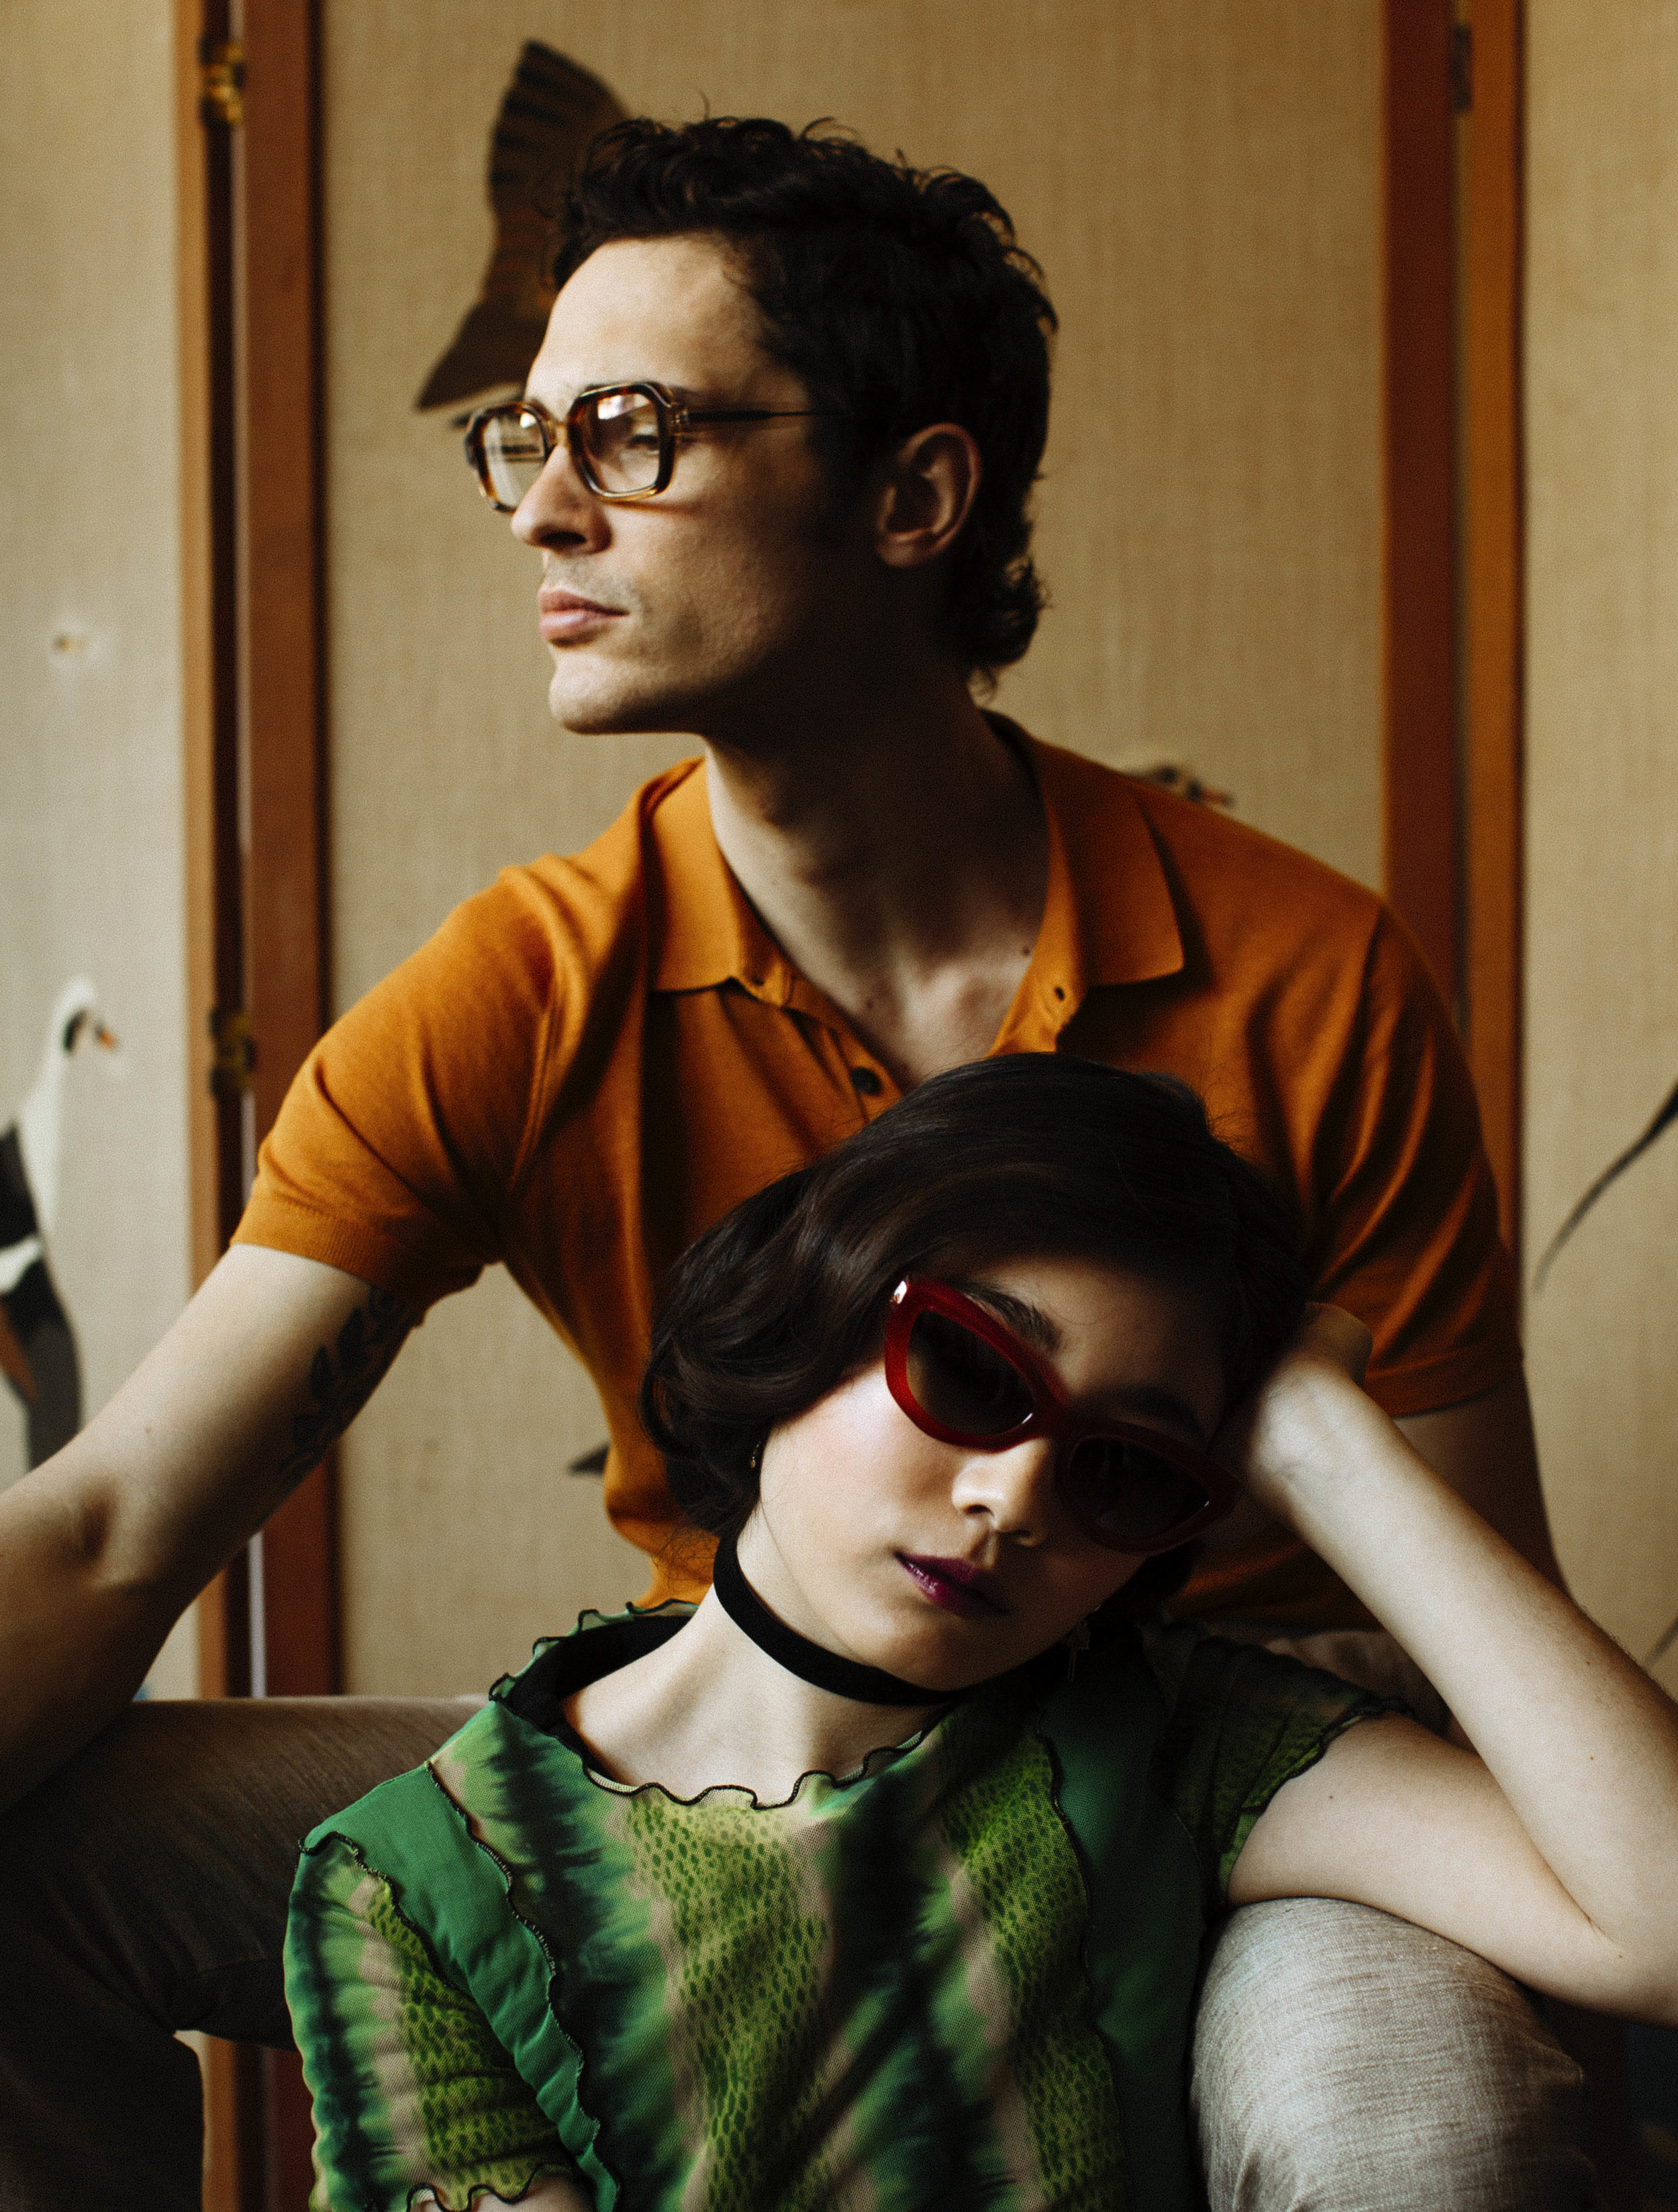 ss19 - Portada 4 - Folc eyewear - lr.jpg